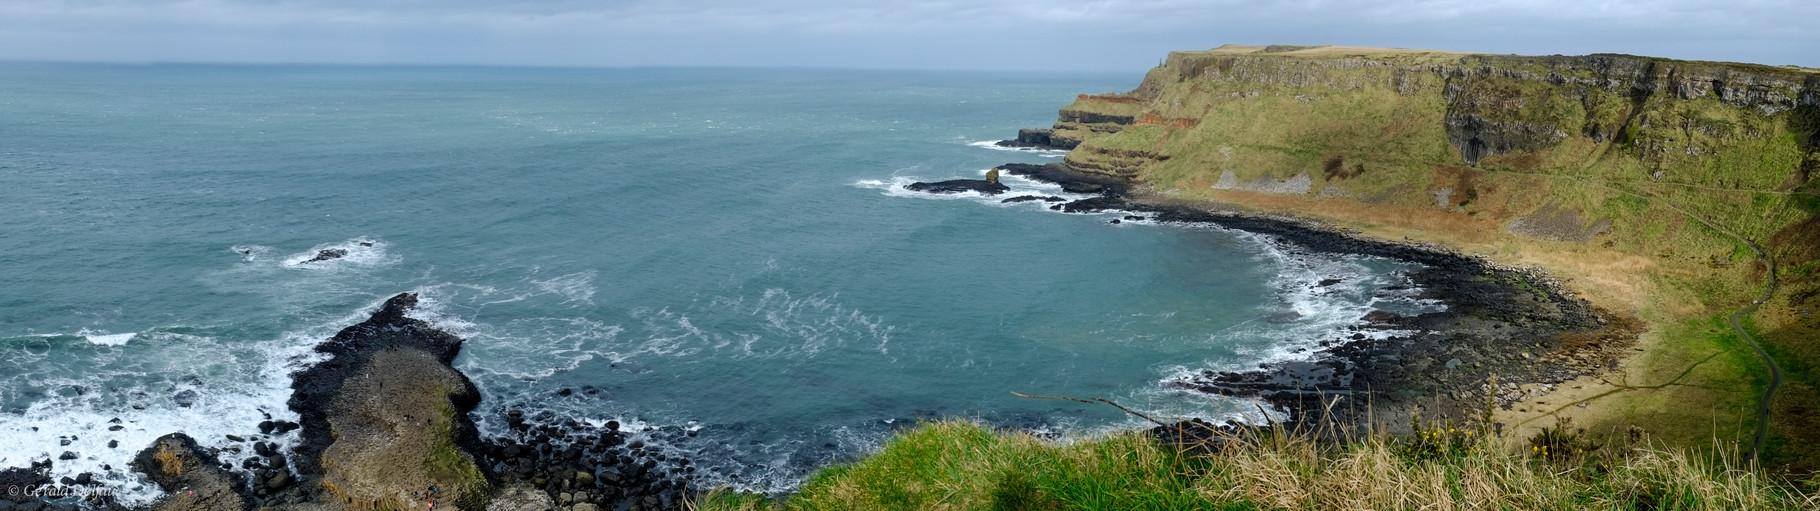 Irlande du Nord, chaussée des Géants (Giant's Causeway), côte d'Antrim